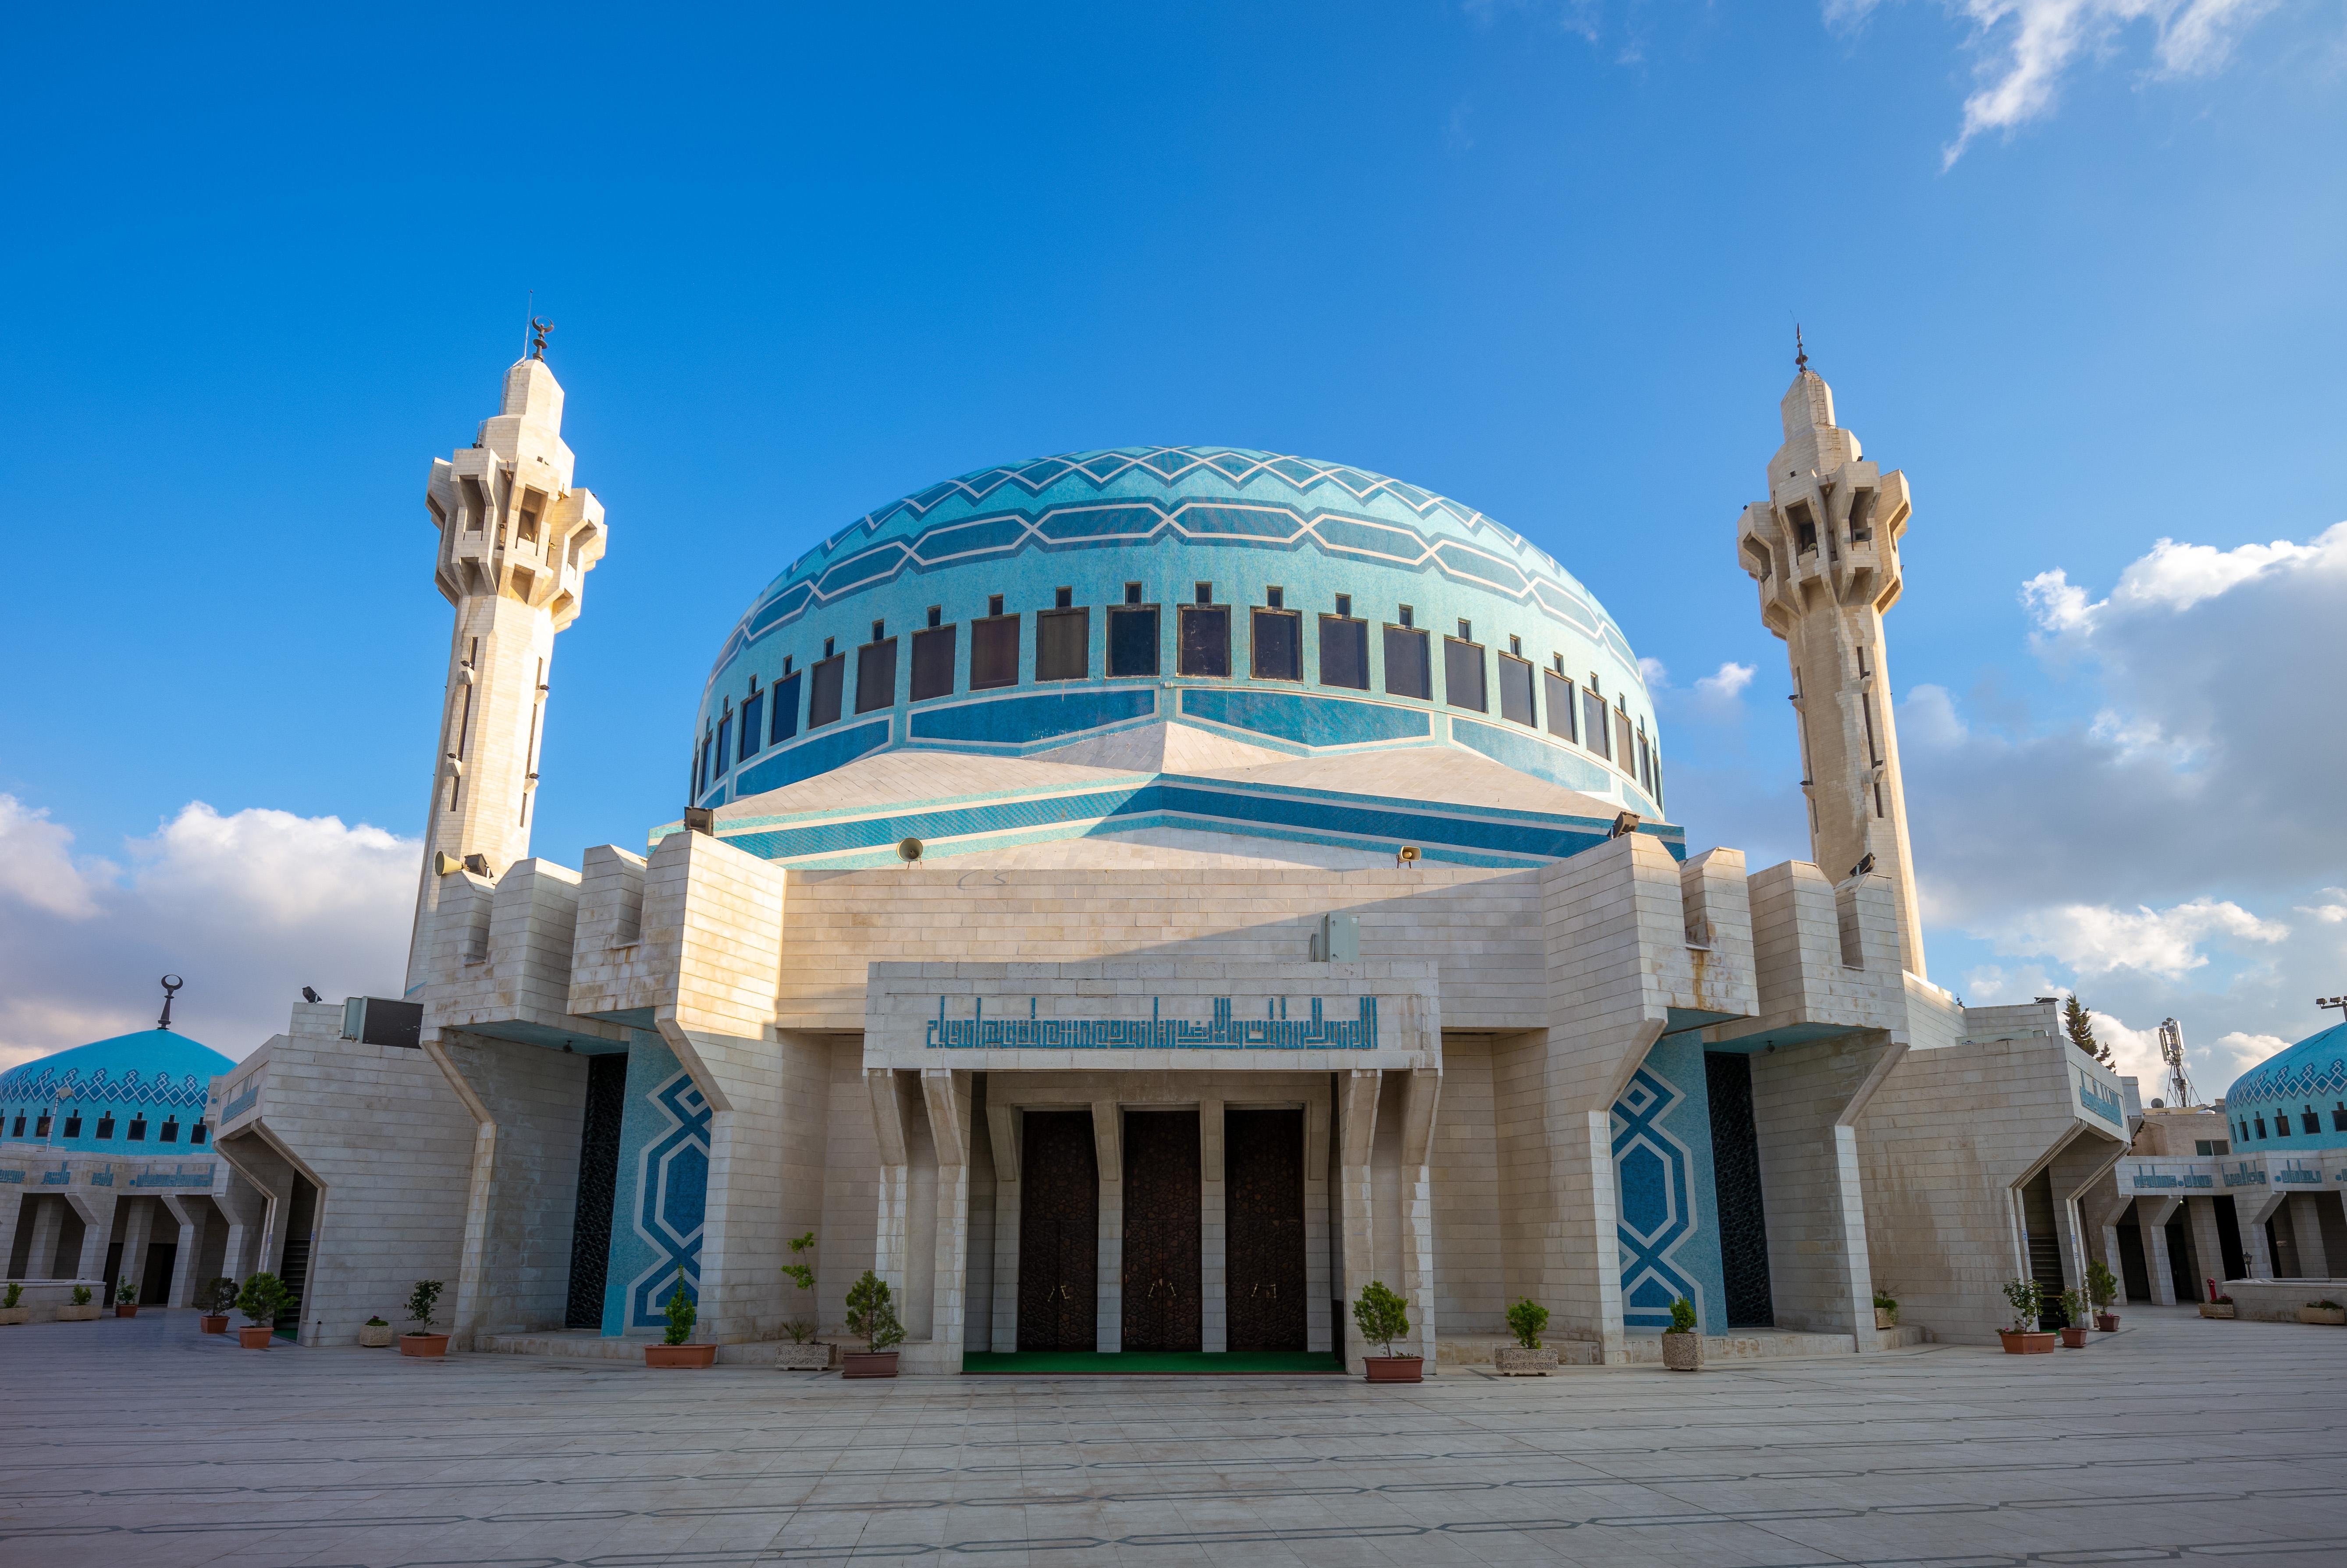 Descubriendo la mezquita azul - Jordania Circuito Lo mejor de Jordania